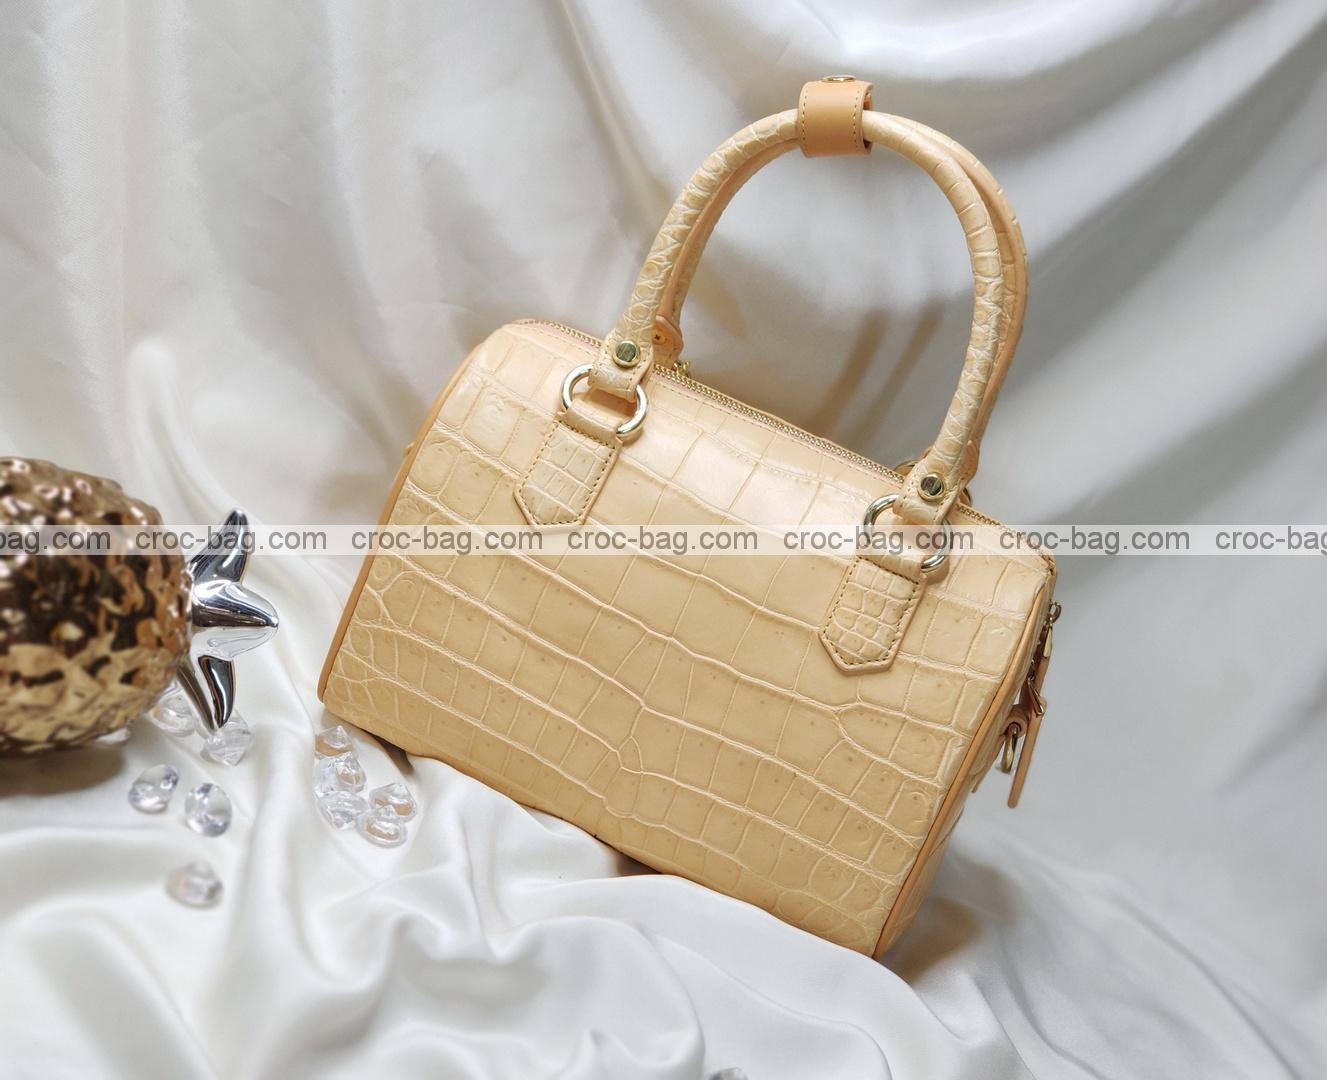 กระเป๋าหนังจระเข้สำหรับผู้หญิง 5316